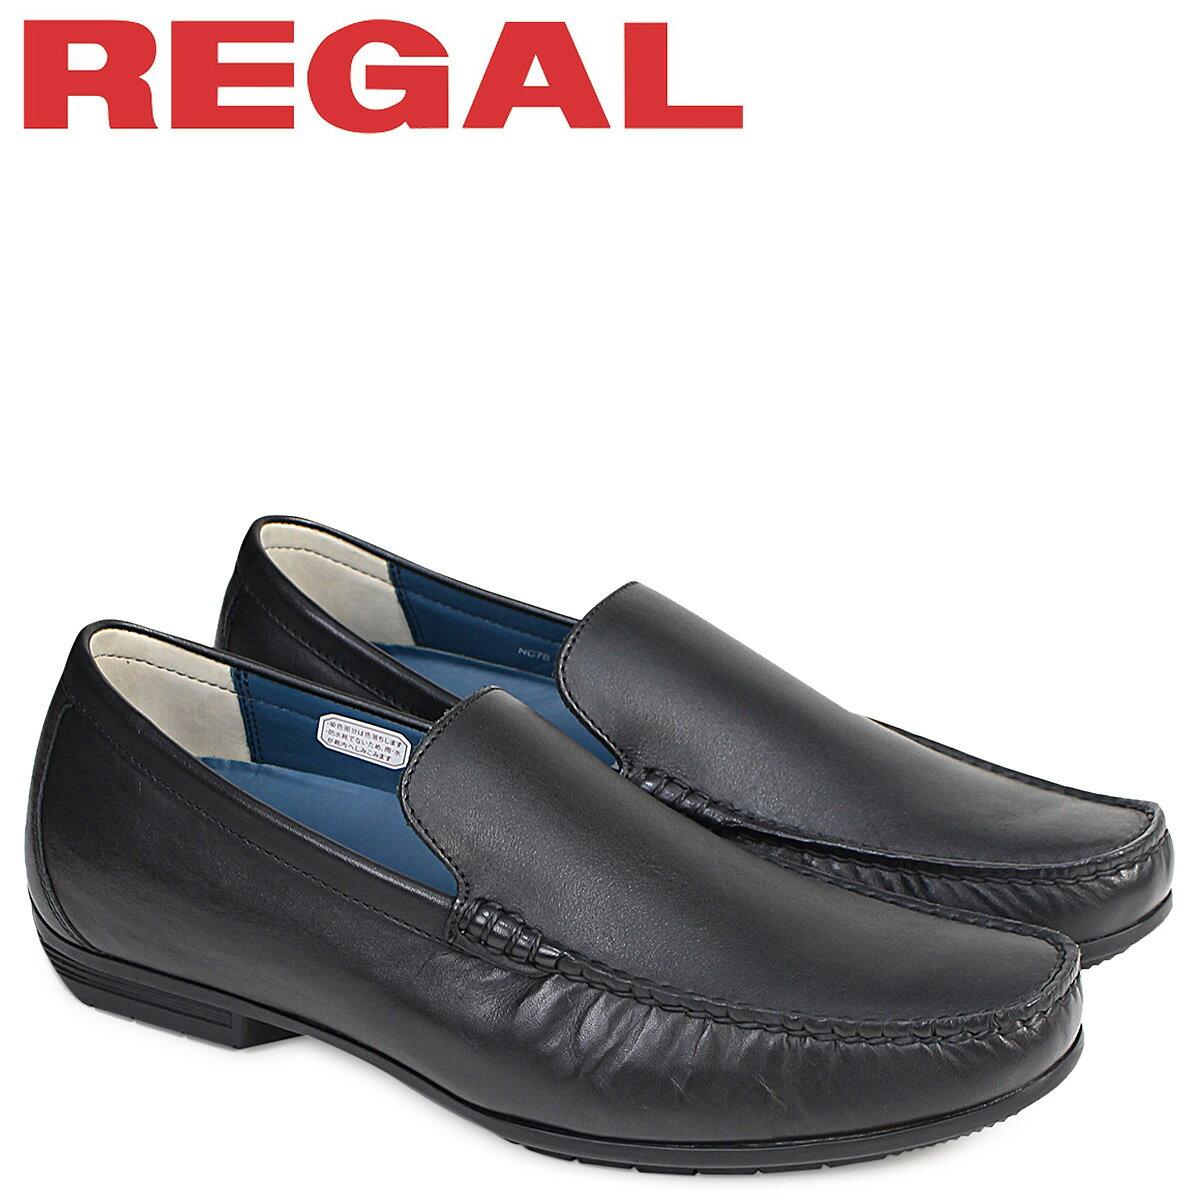 リーガル 靴 メンズ REGAL ヴァンプ 56HRAF ドライビングシューズ カジュアル ブラック [1/13 追加入荷]